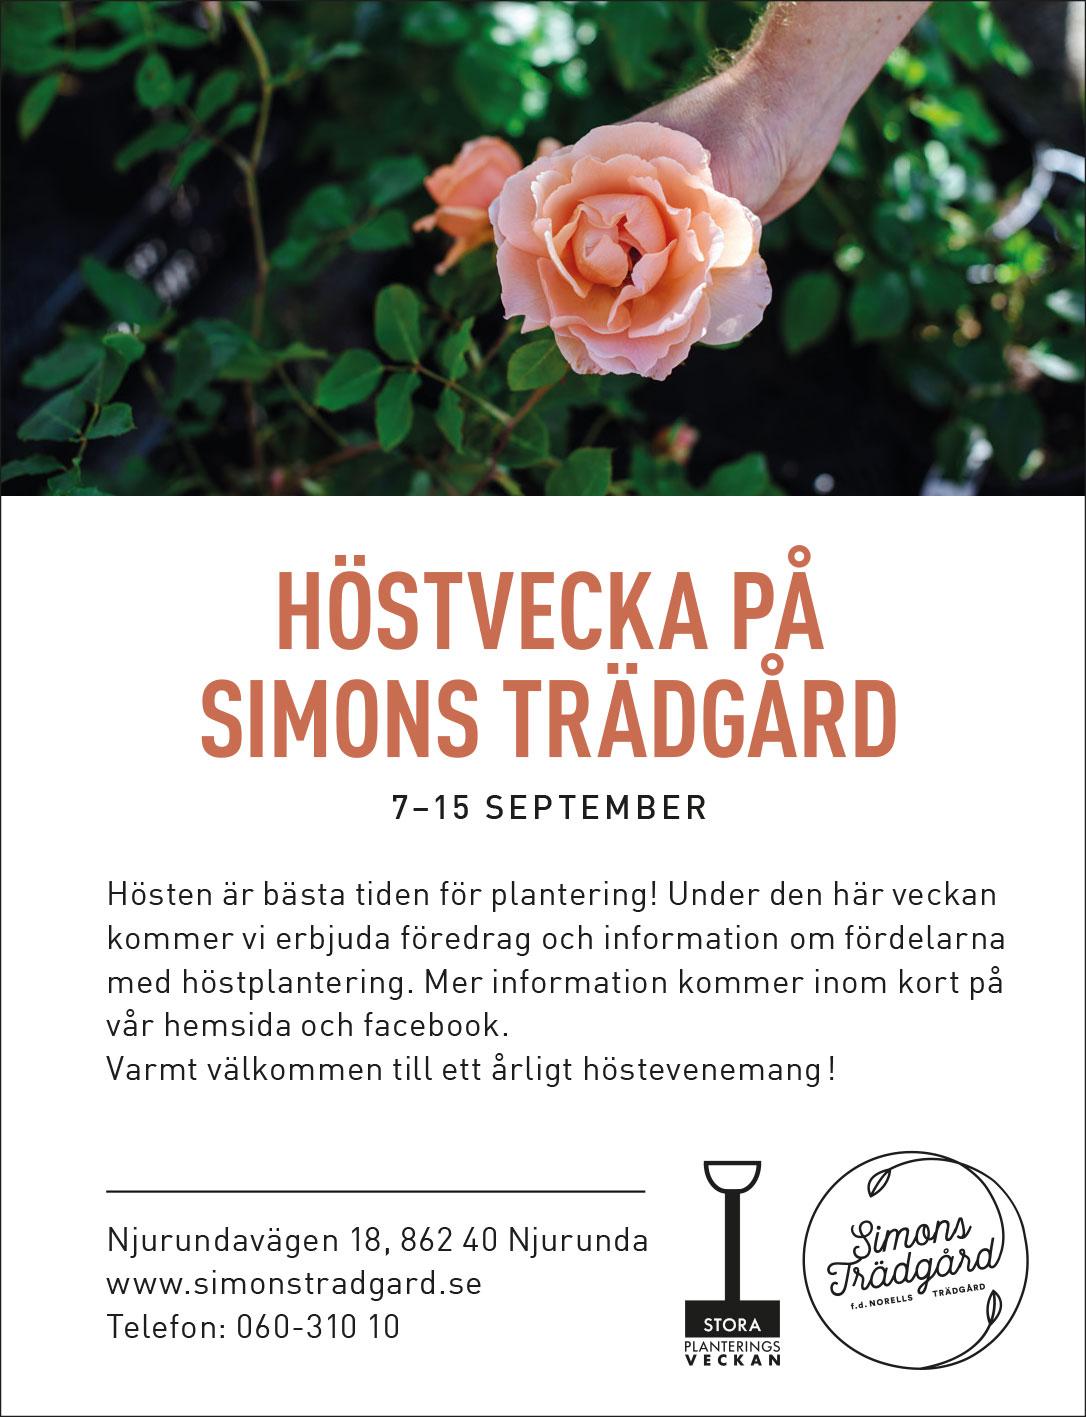 Höstvecka Simons Trädgård